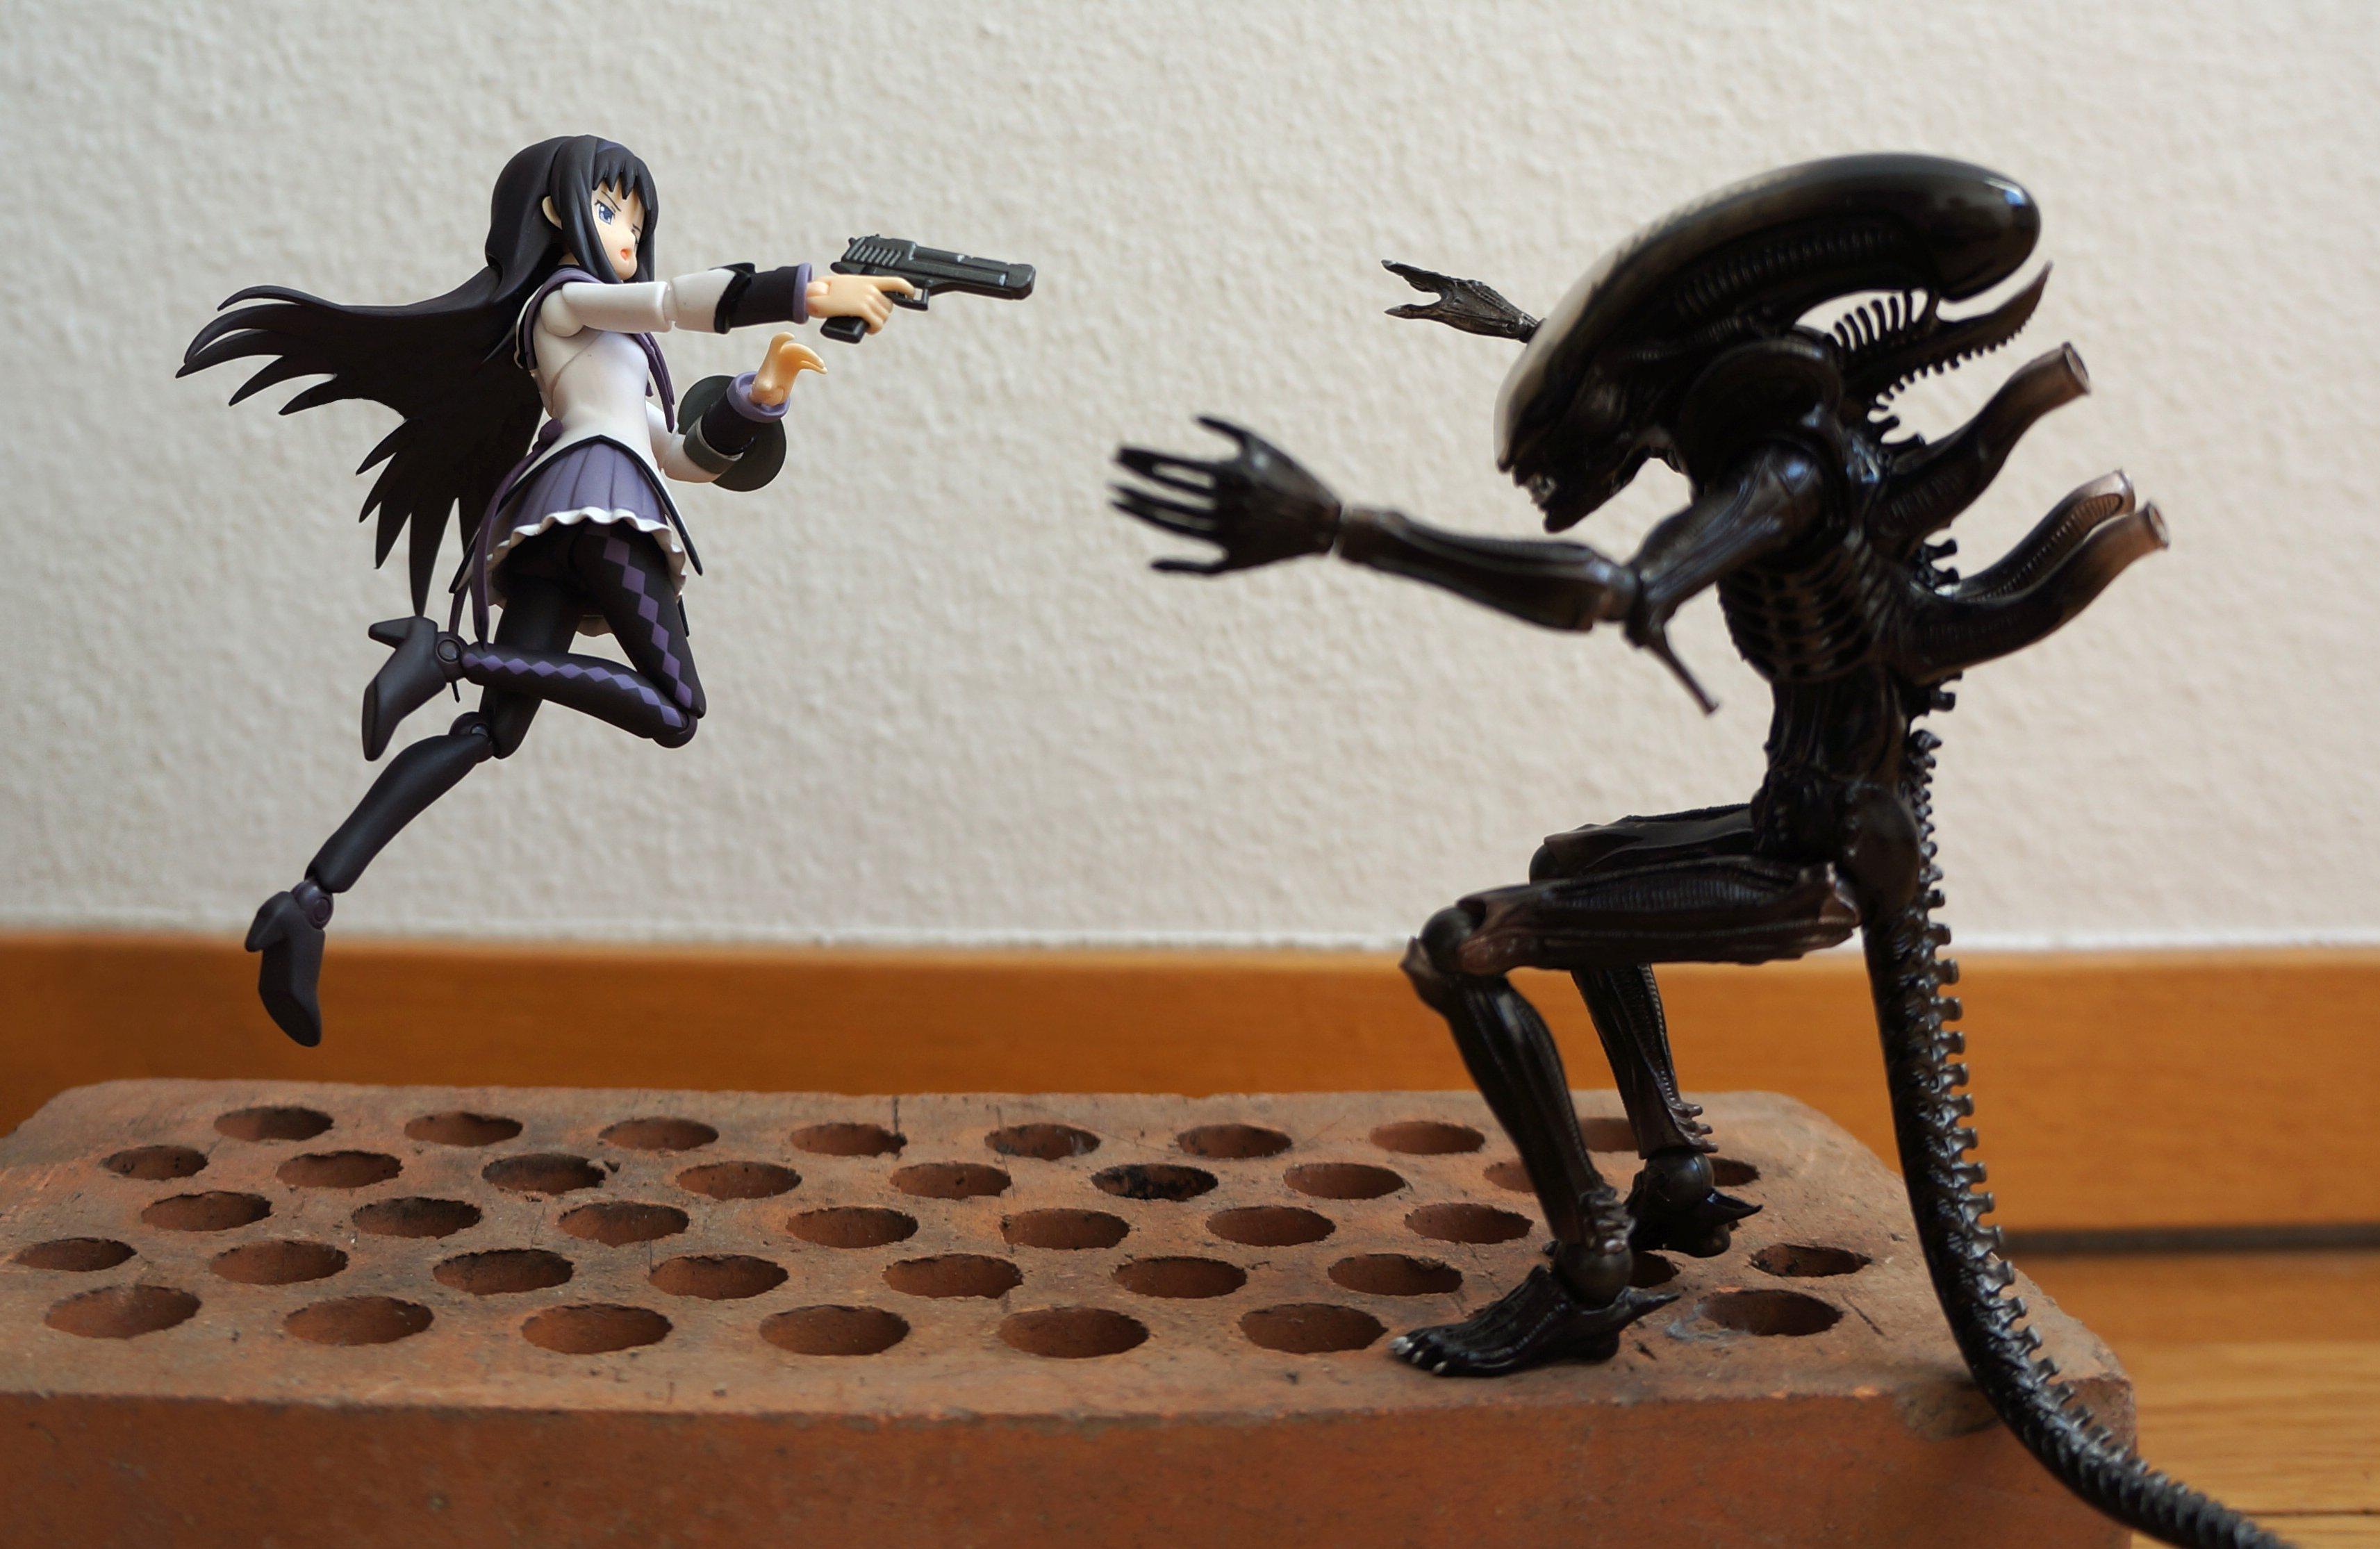 figma revoltech alien kaiyodo max_factory yatake_yoshinori asai_(apsy)_masaki revoltech_sfx mahou_shoujo_madoka★magica akemi_homura